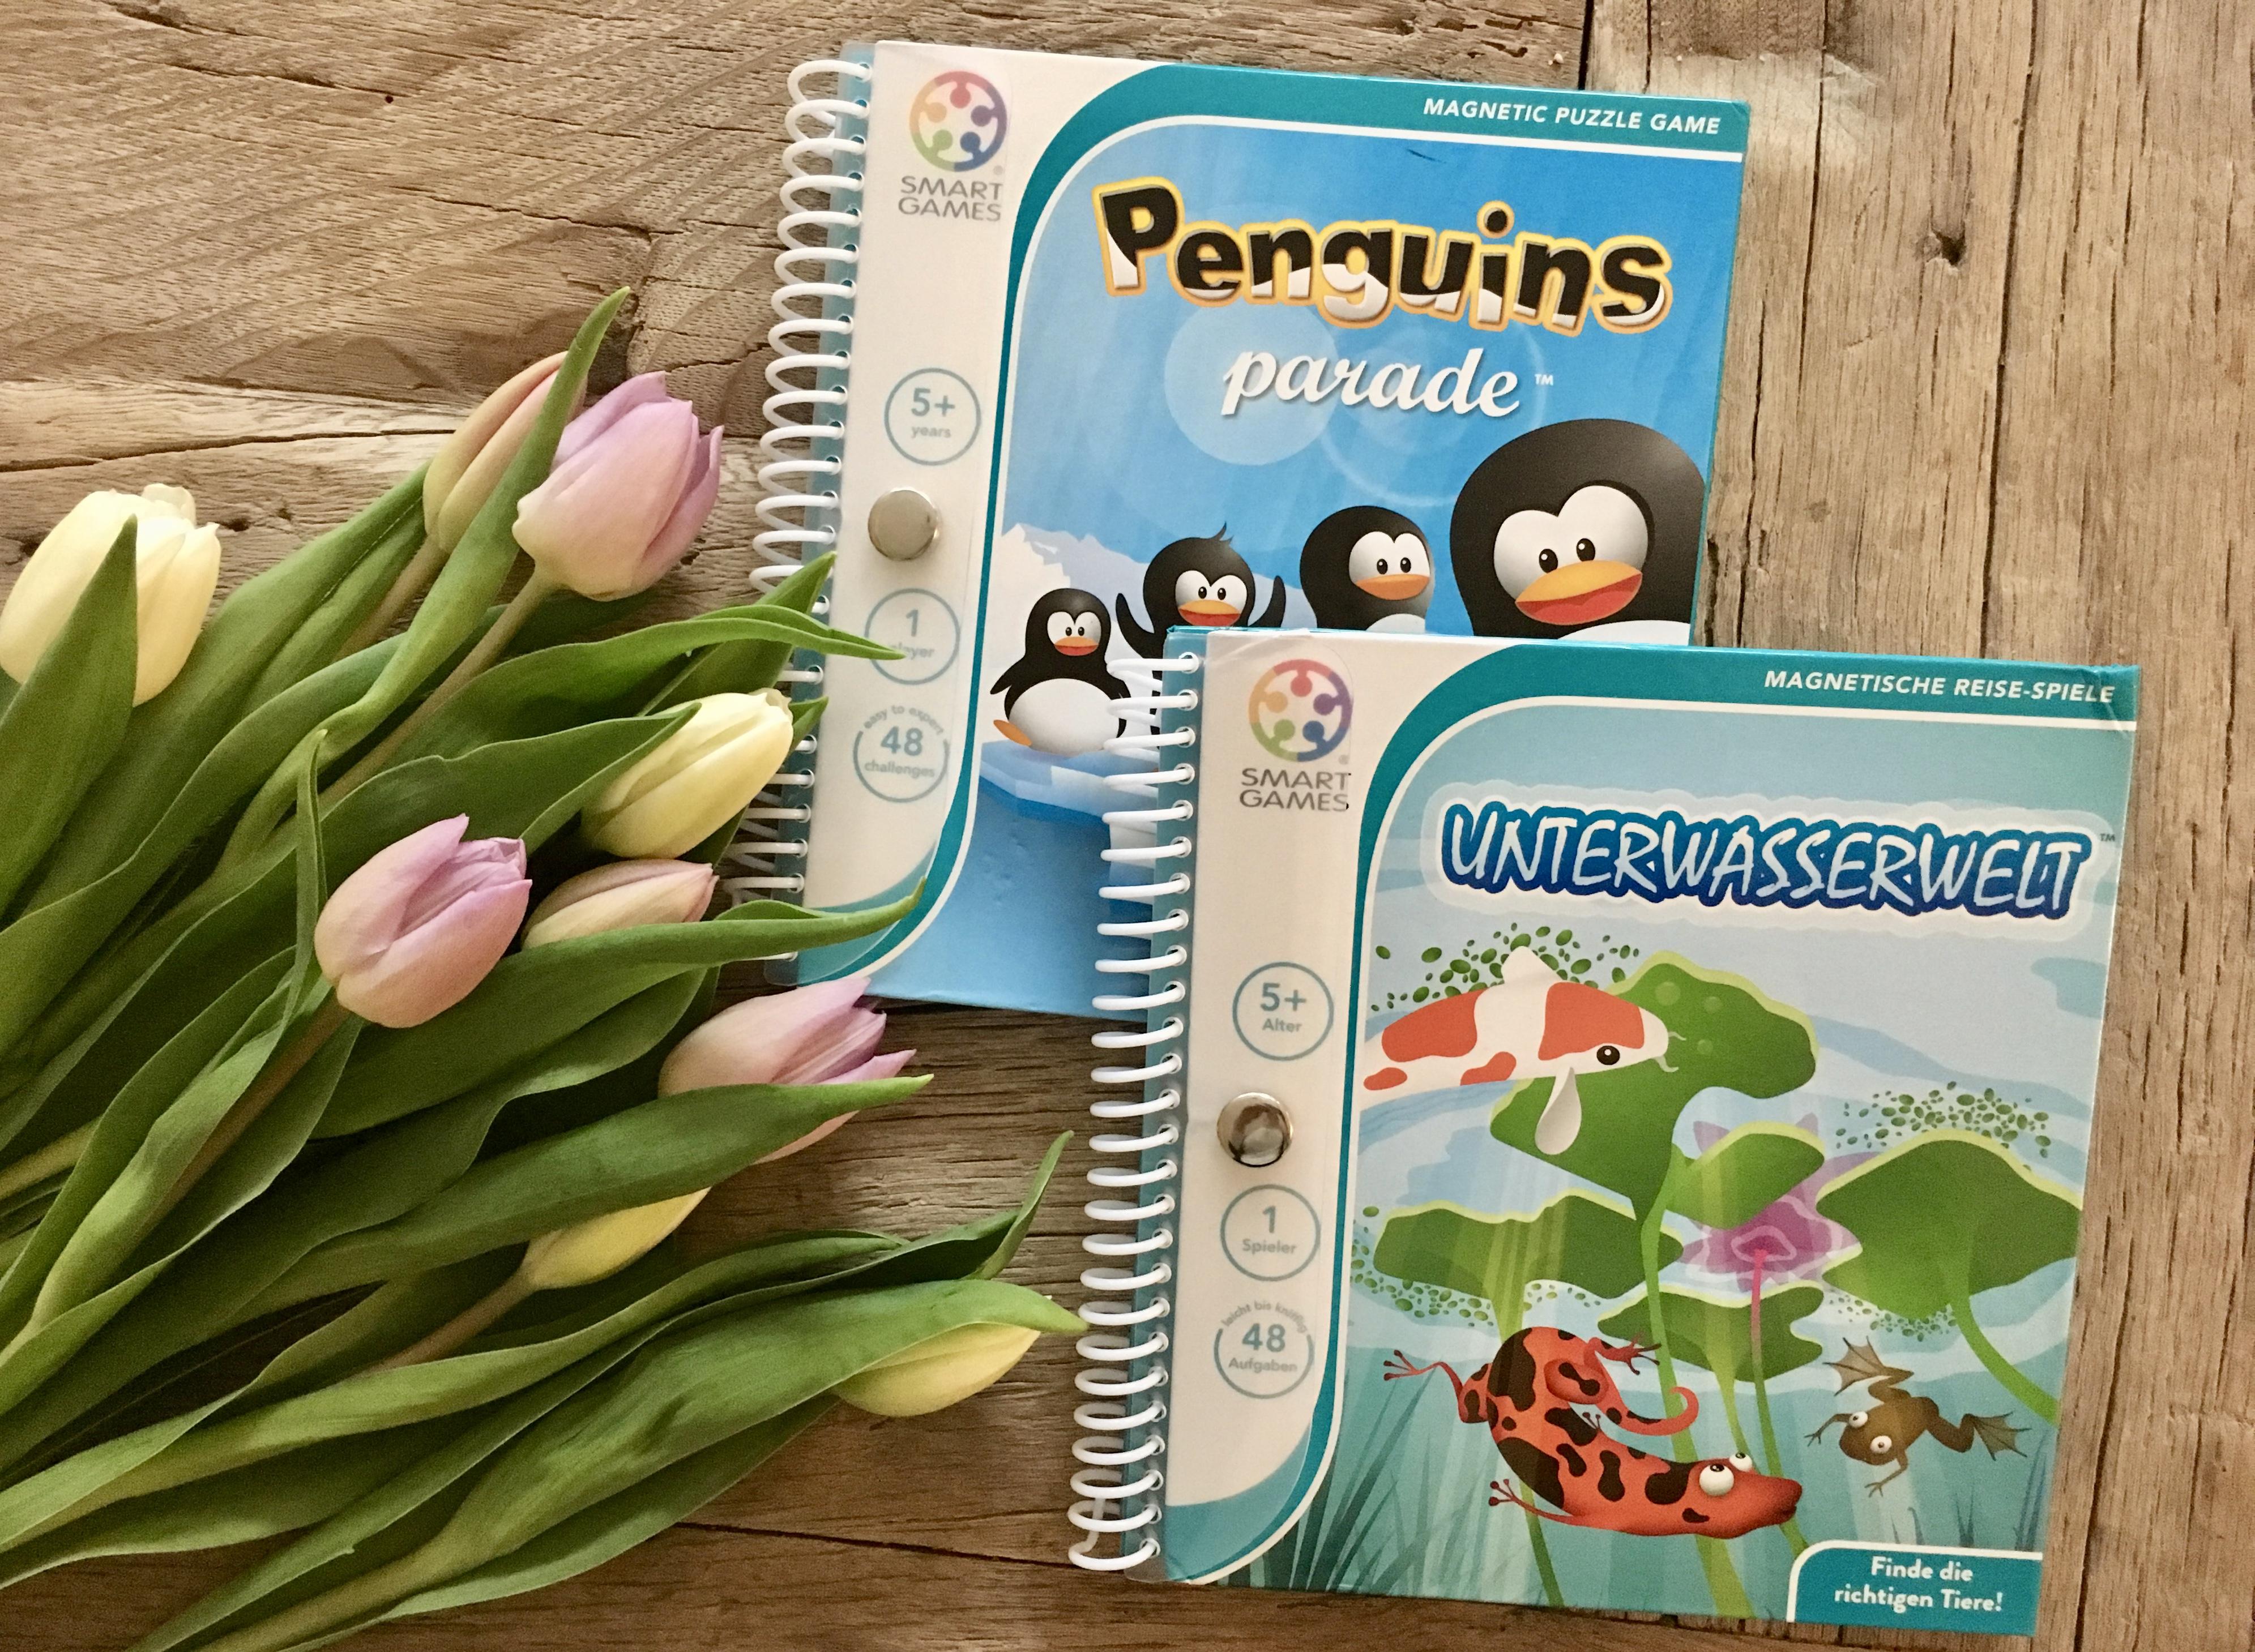 Magnetische Logik-Reisespiele: Pinguin-Parade und Unterwasserwelt von Smartgames